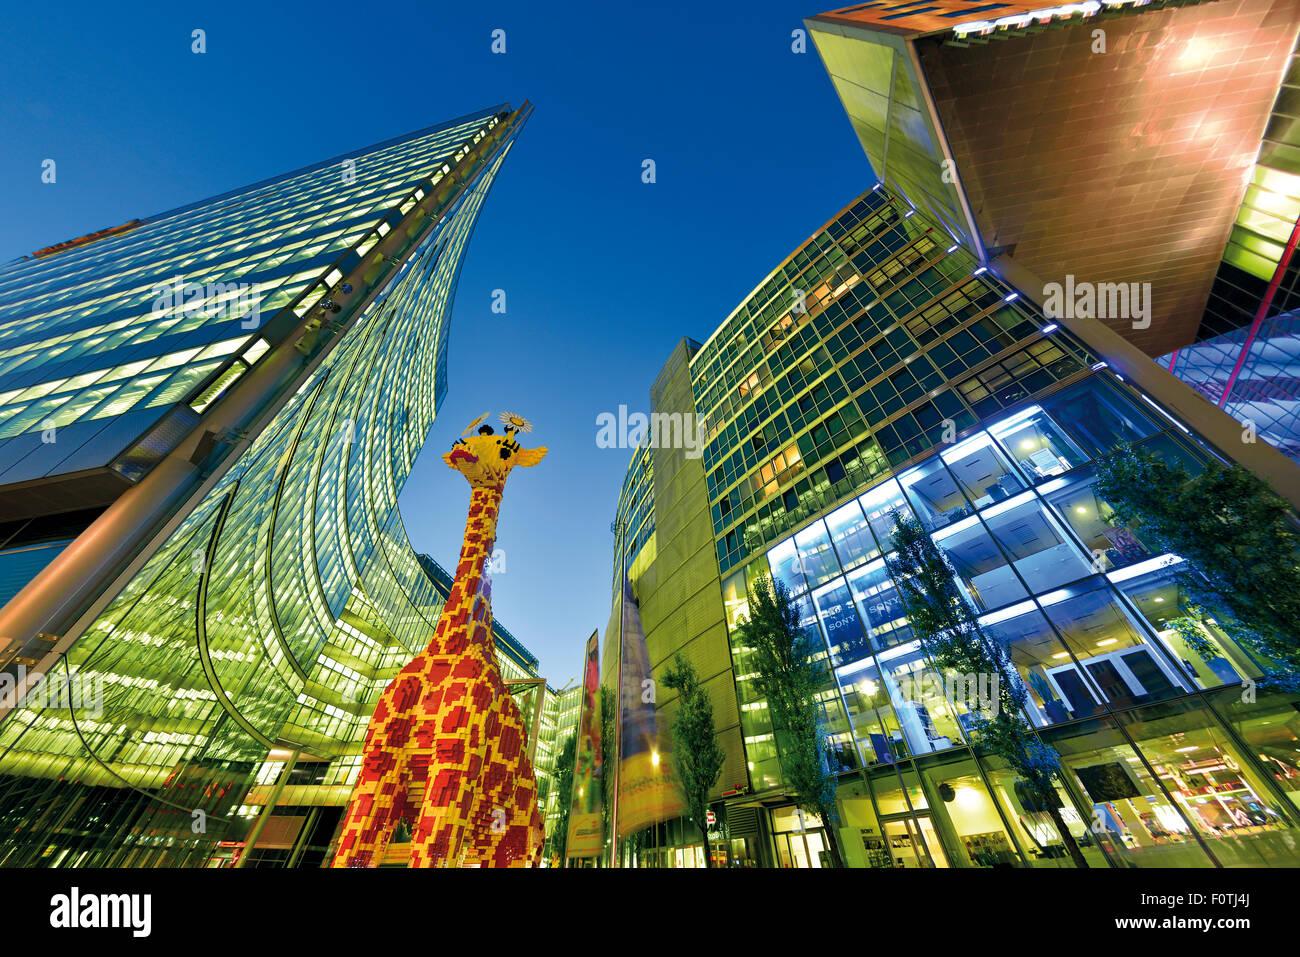 Alemania, Berlín: Arquitectura contemporánea en la plaza Potsdam por noche Imagen De Stock